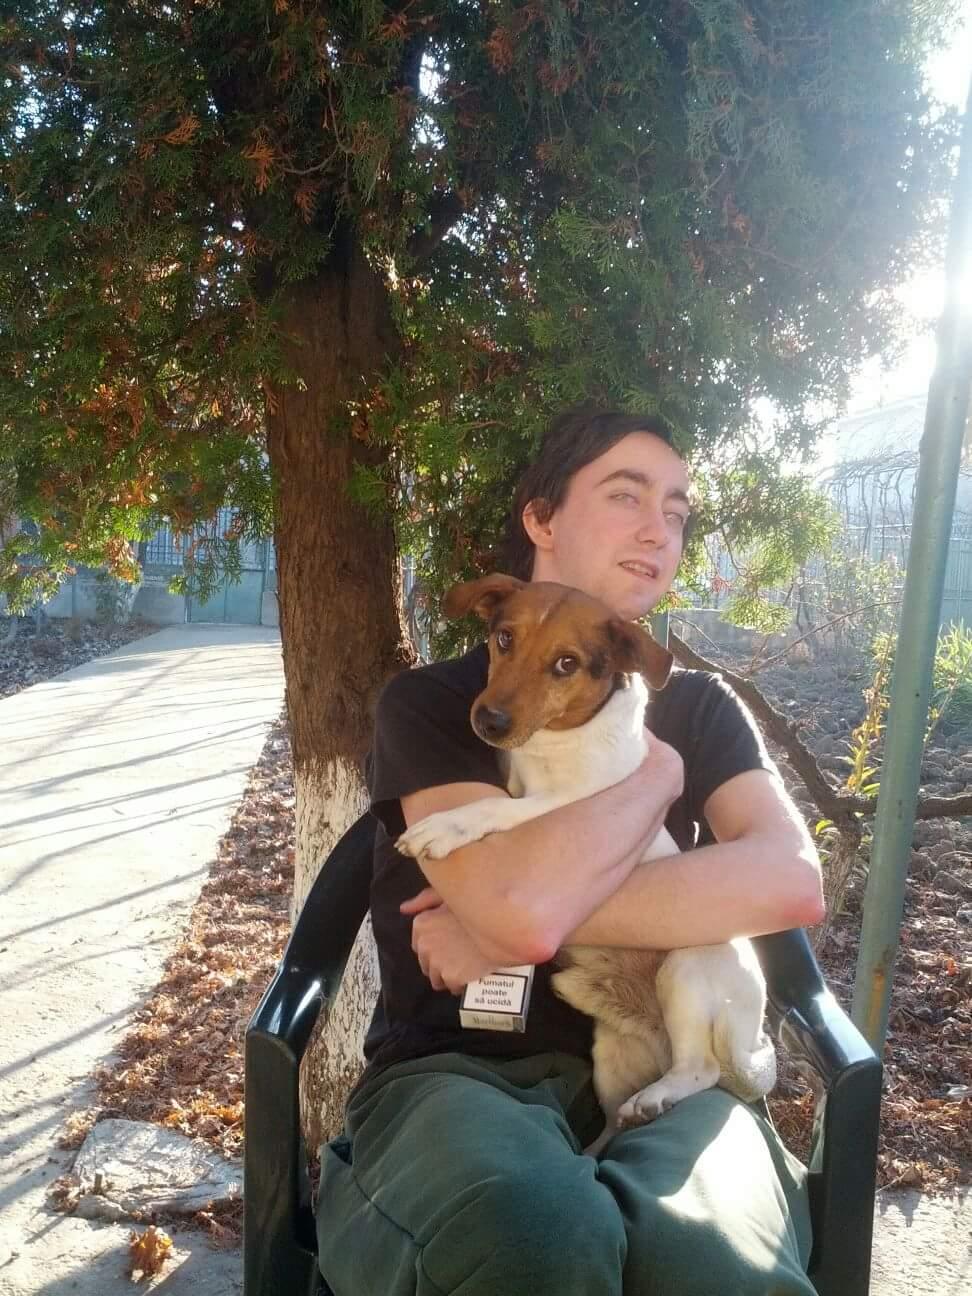 Eu şi câinele meu, Serghei, de vorbă pe şezlong